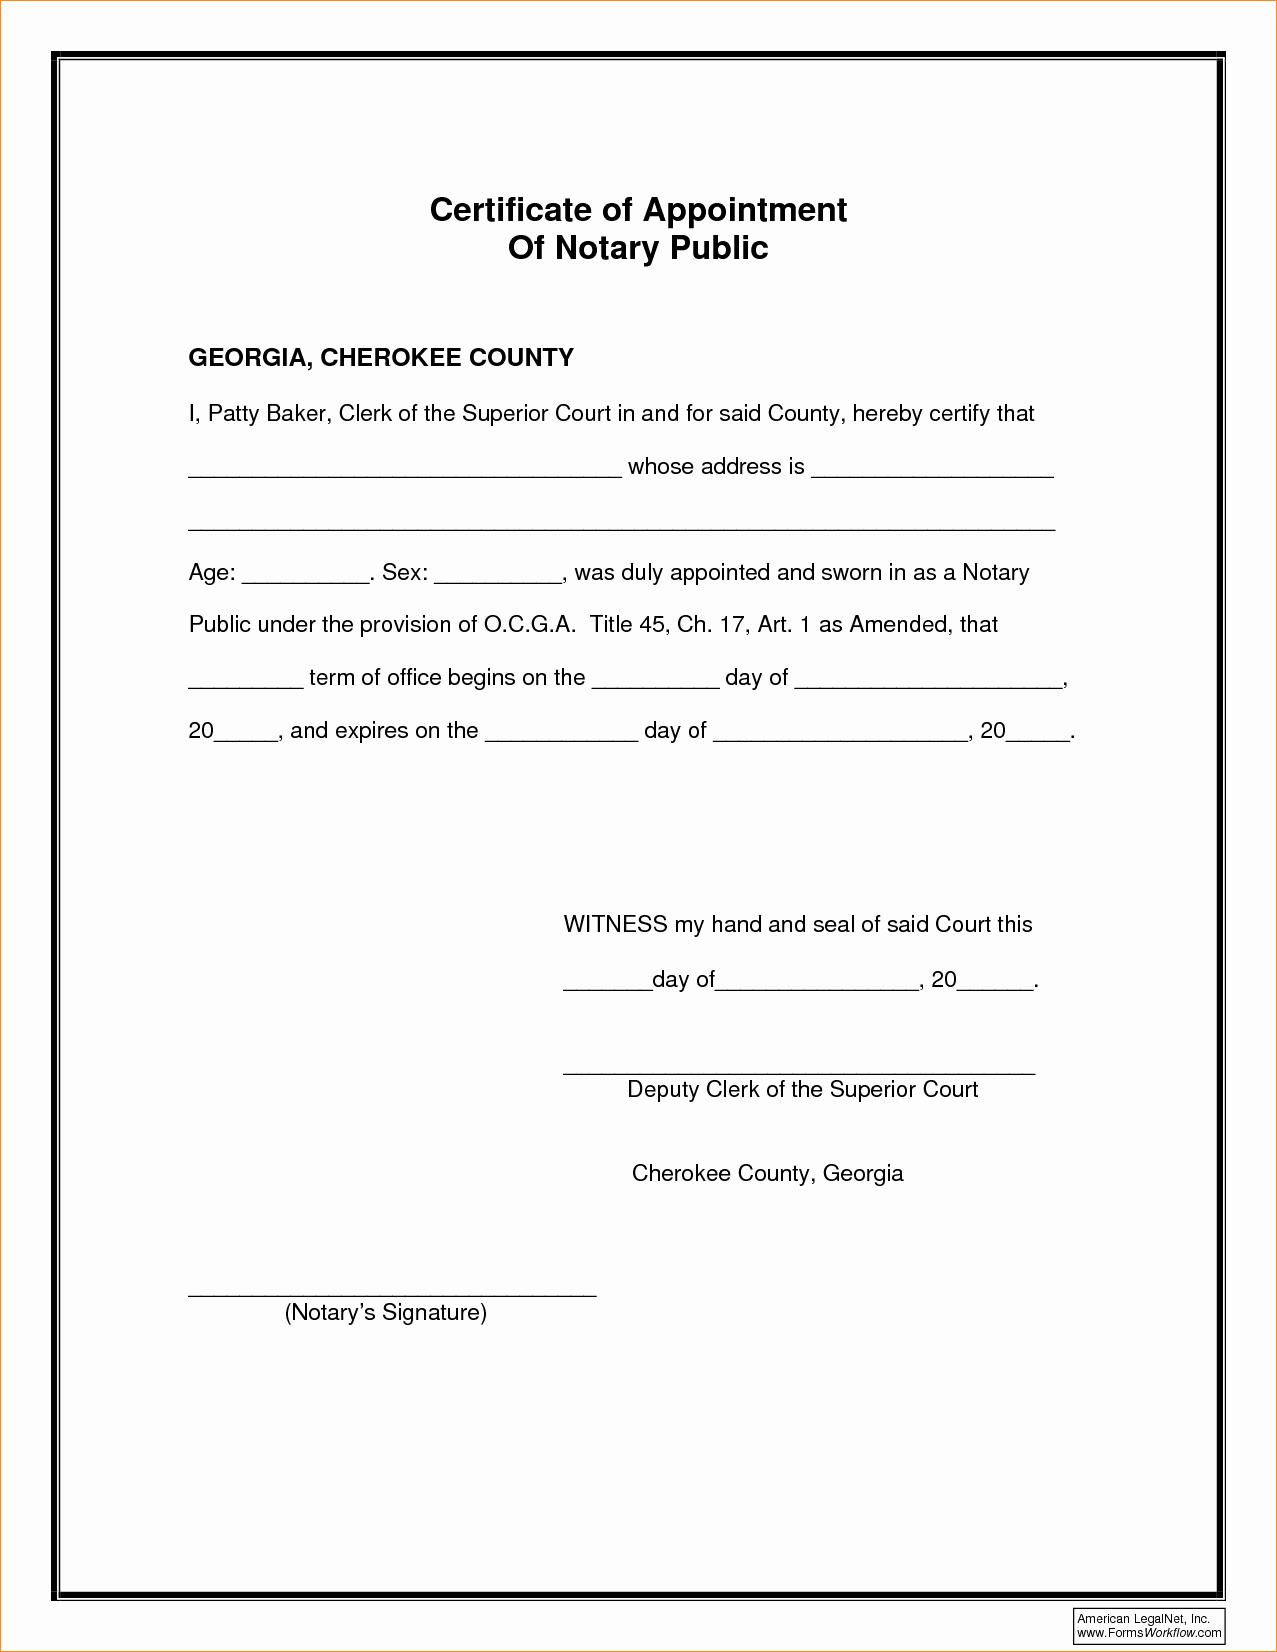 Notary Public Signature Line Template Elegant 27 Of Notary Signature Template